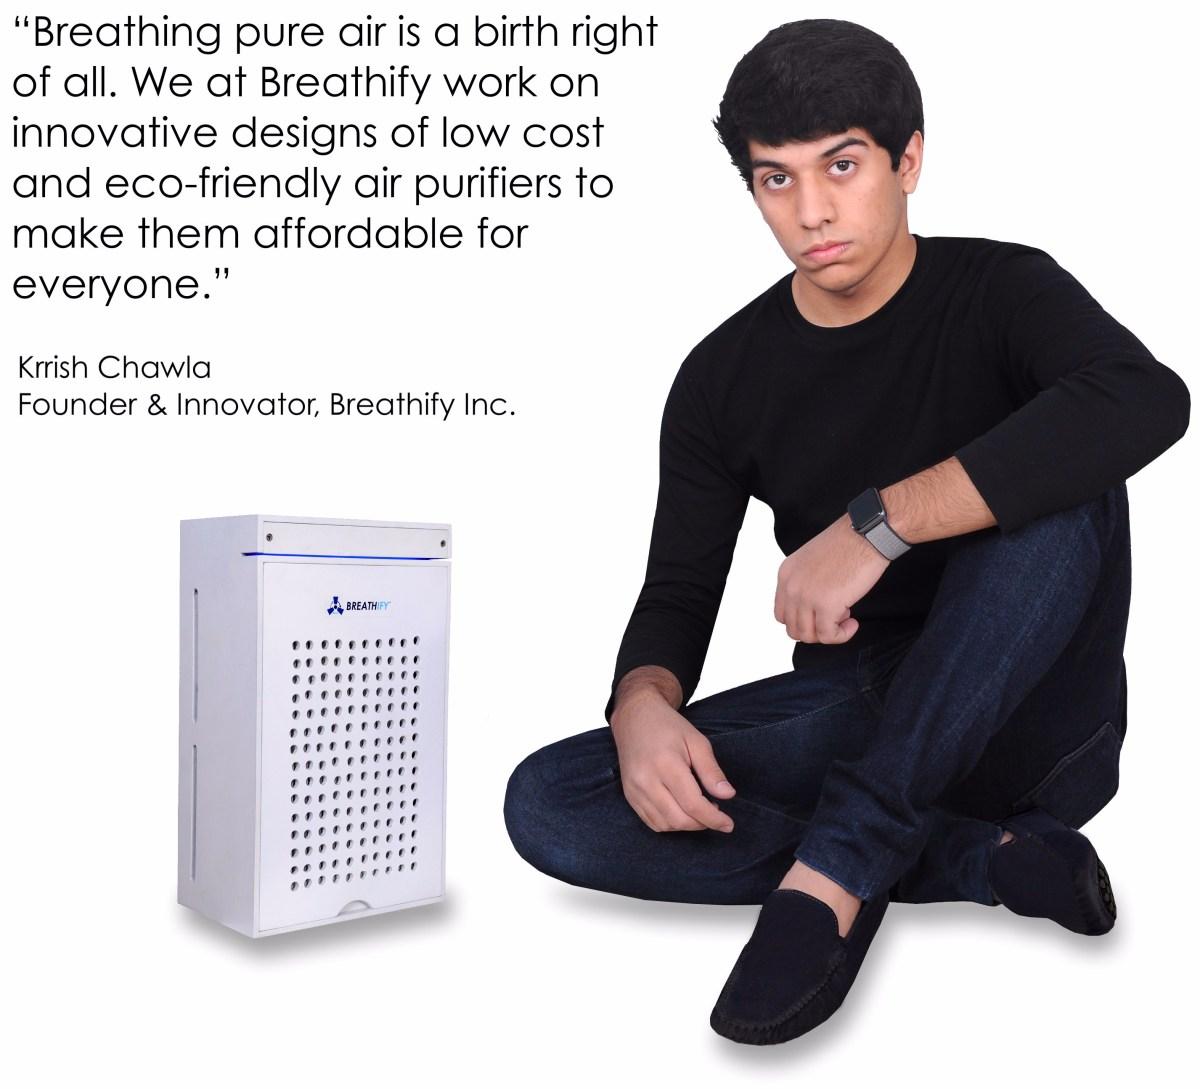 Krrish Chawla | Founder, Breathify